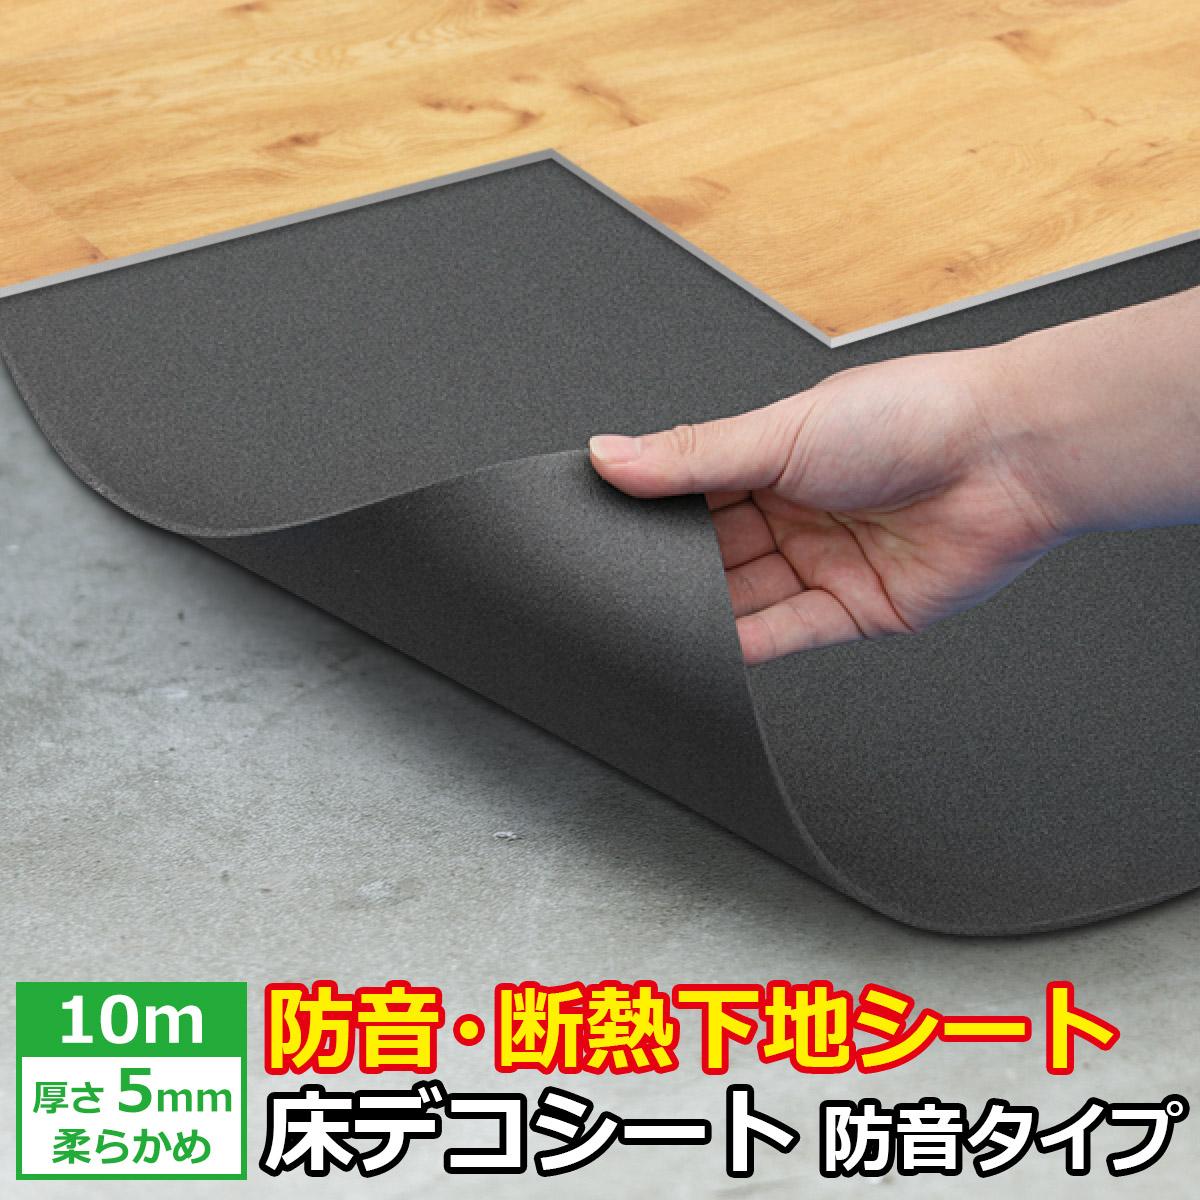 防音 断熱 下地材 床デコシート防音タイプ 10m